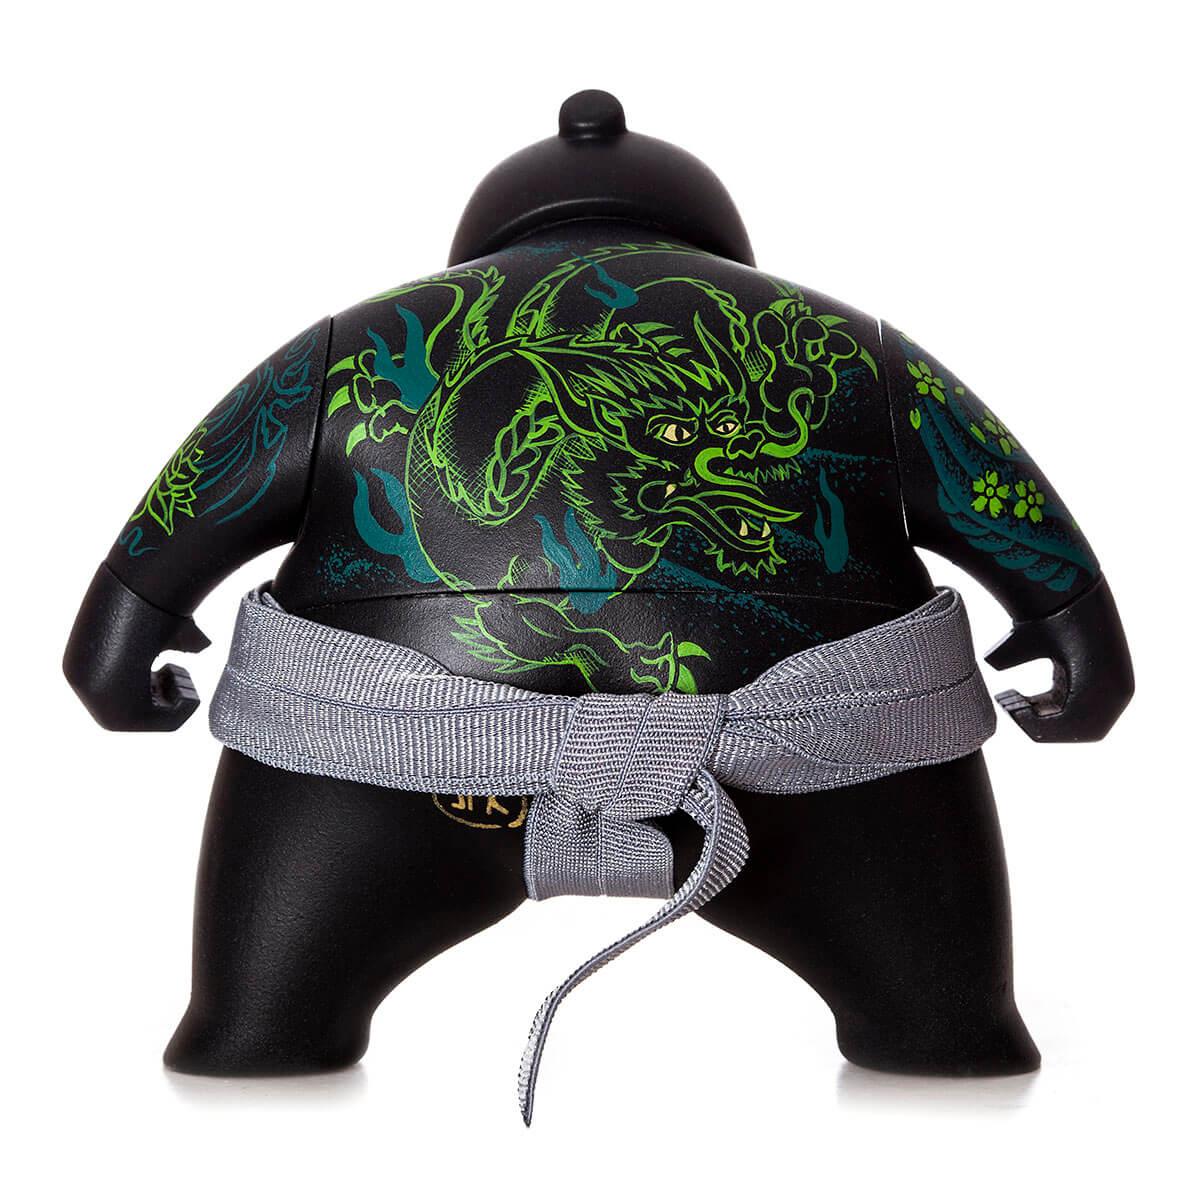 New JPK Bitsumo custom1